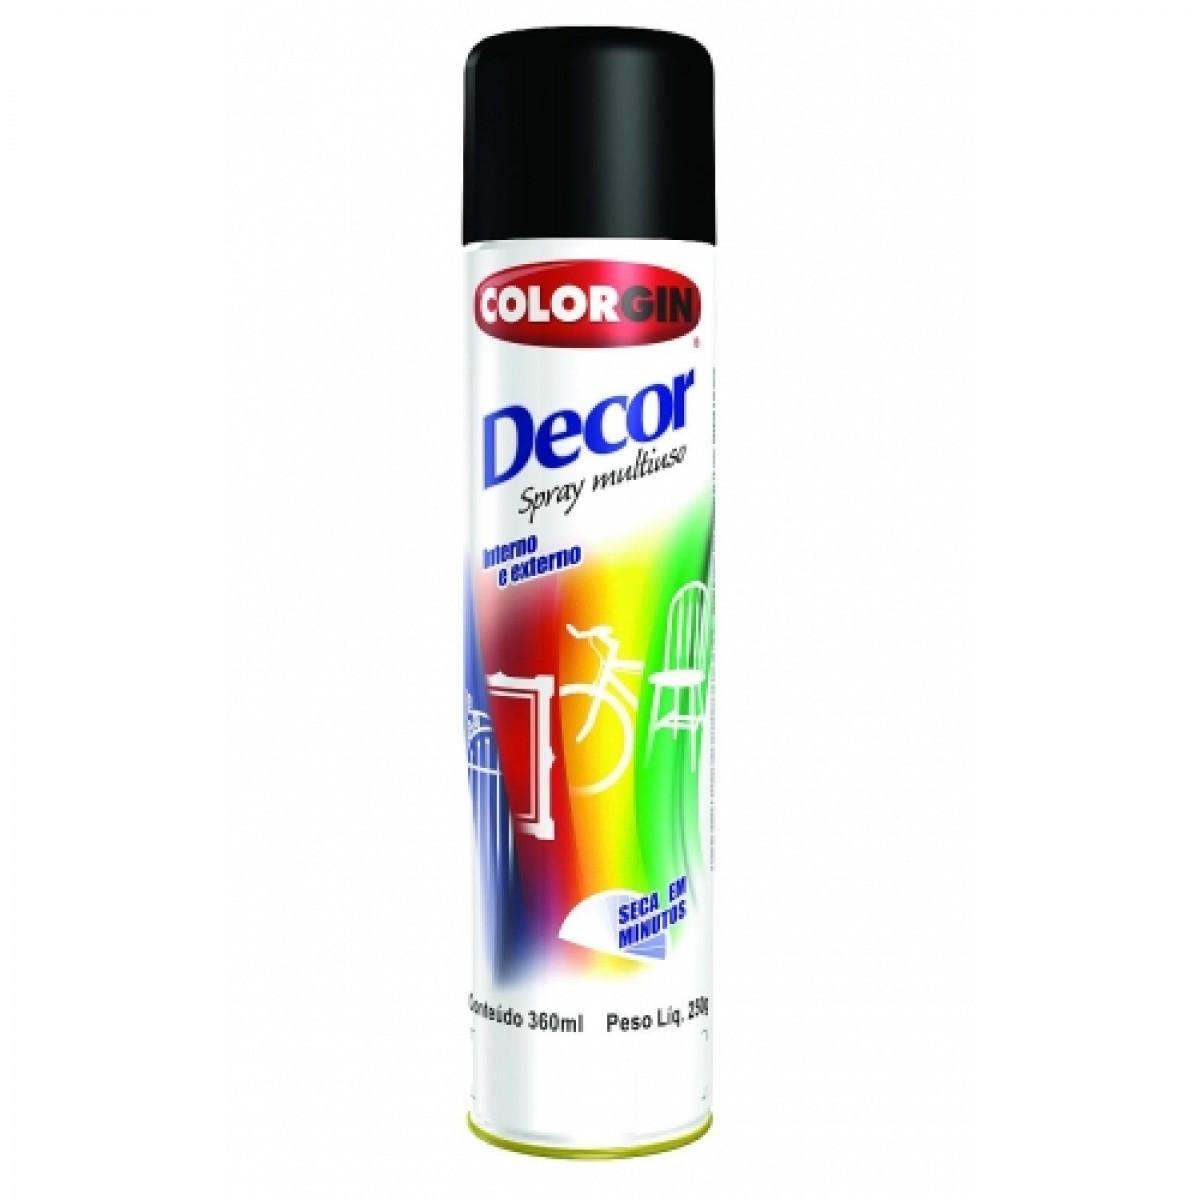 Tinta Spray Decor 350ml Preto Fosco Colorgin